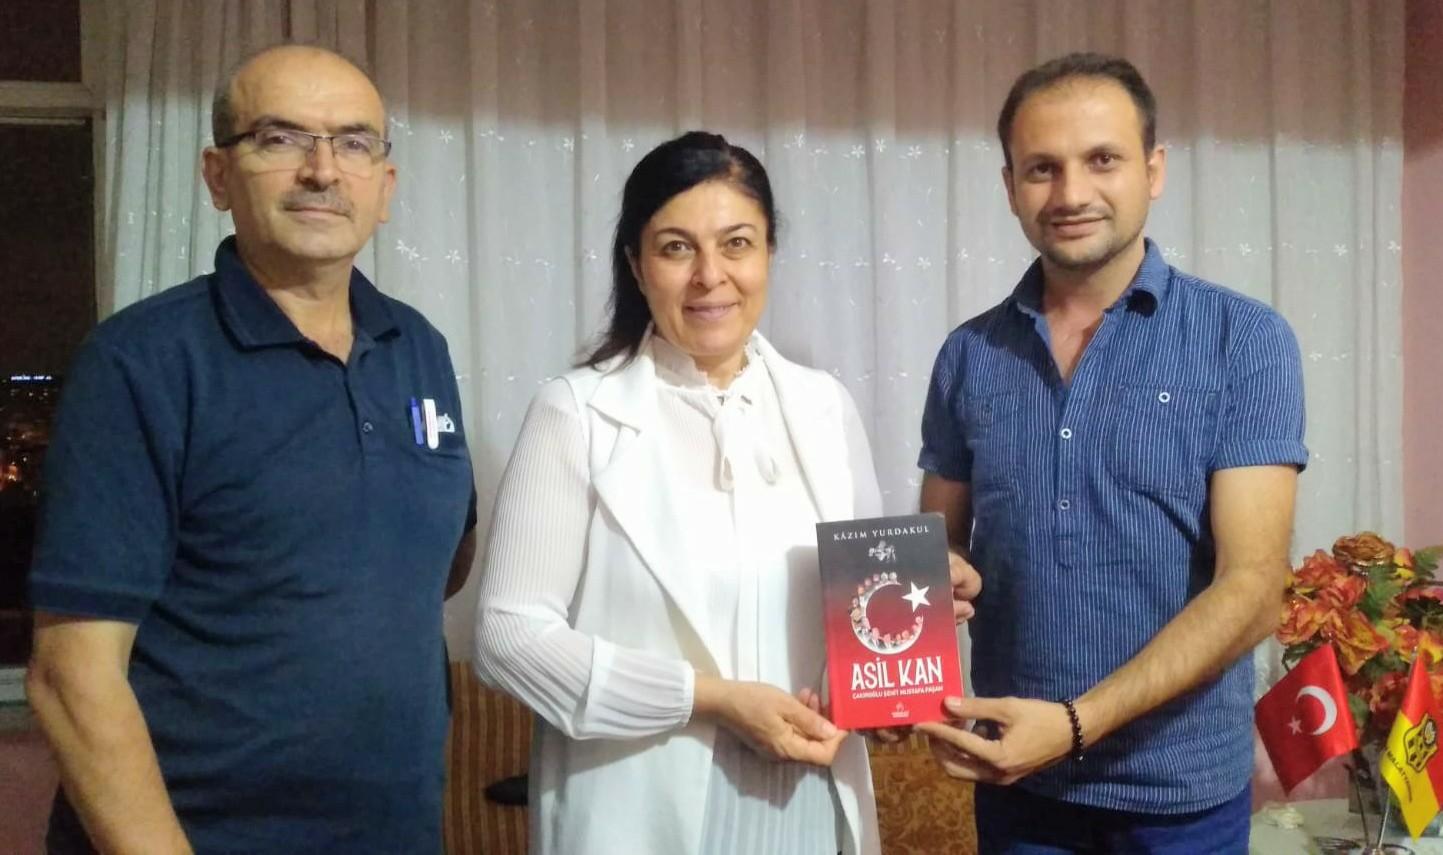 Atatürk'ün Malatya'lı olduğu gerçeği  ASİL KAN kitabında delillerle kanıtlandı